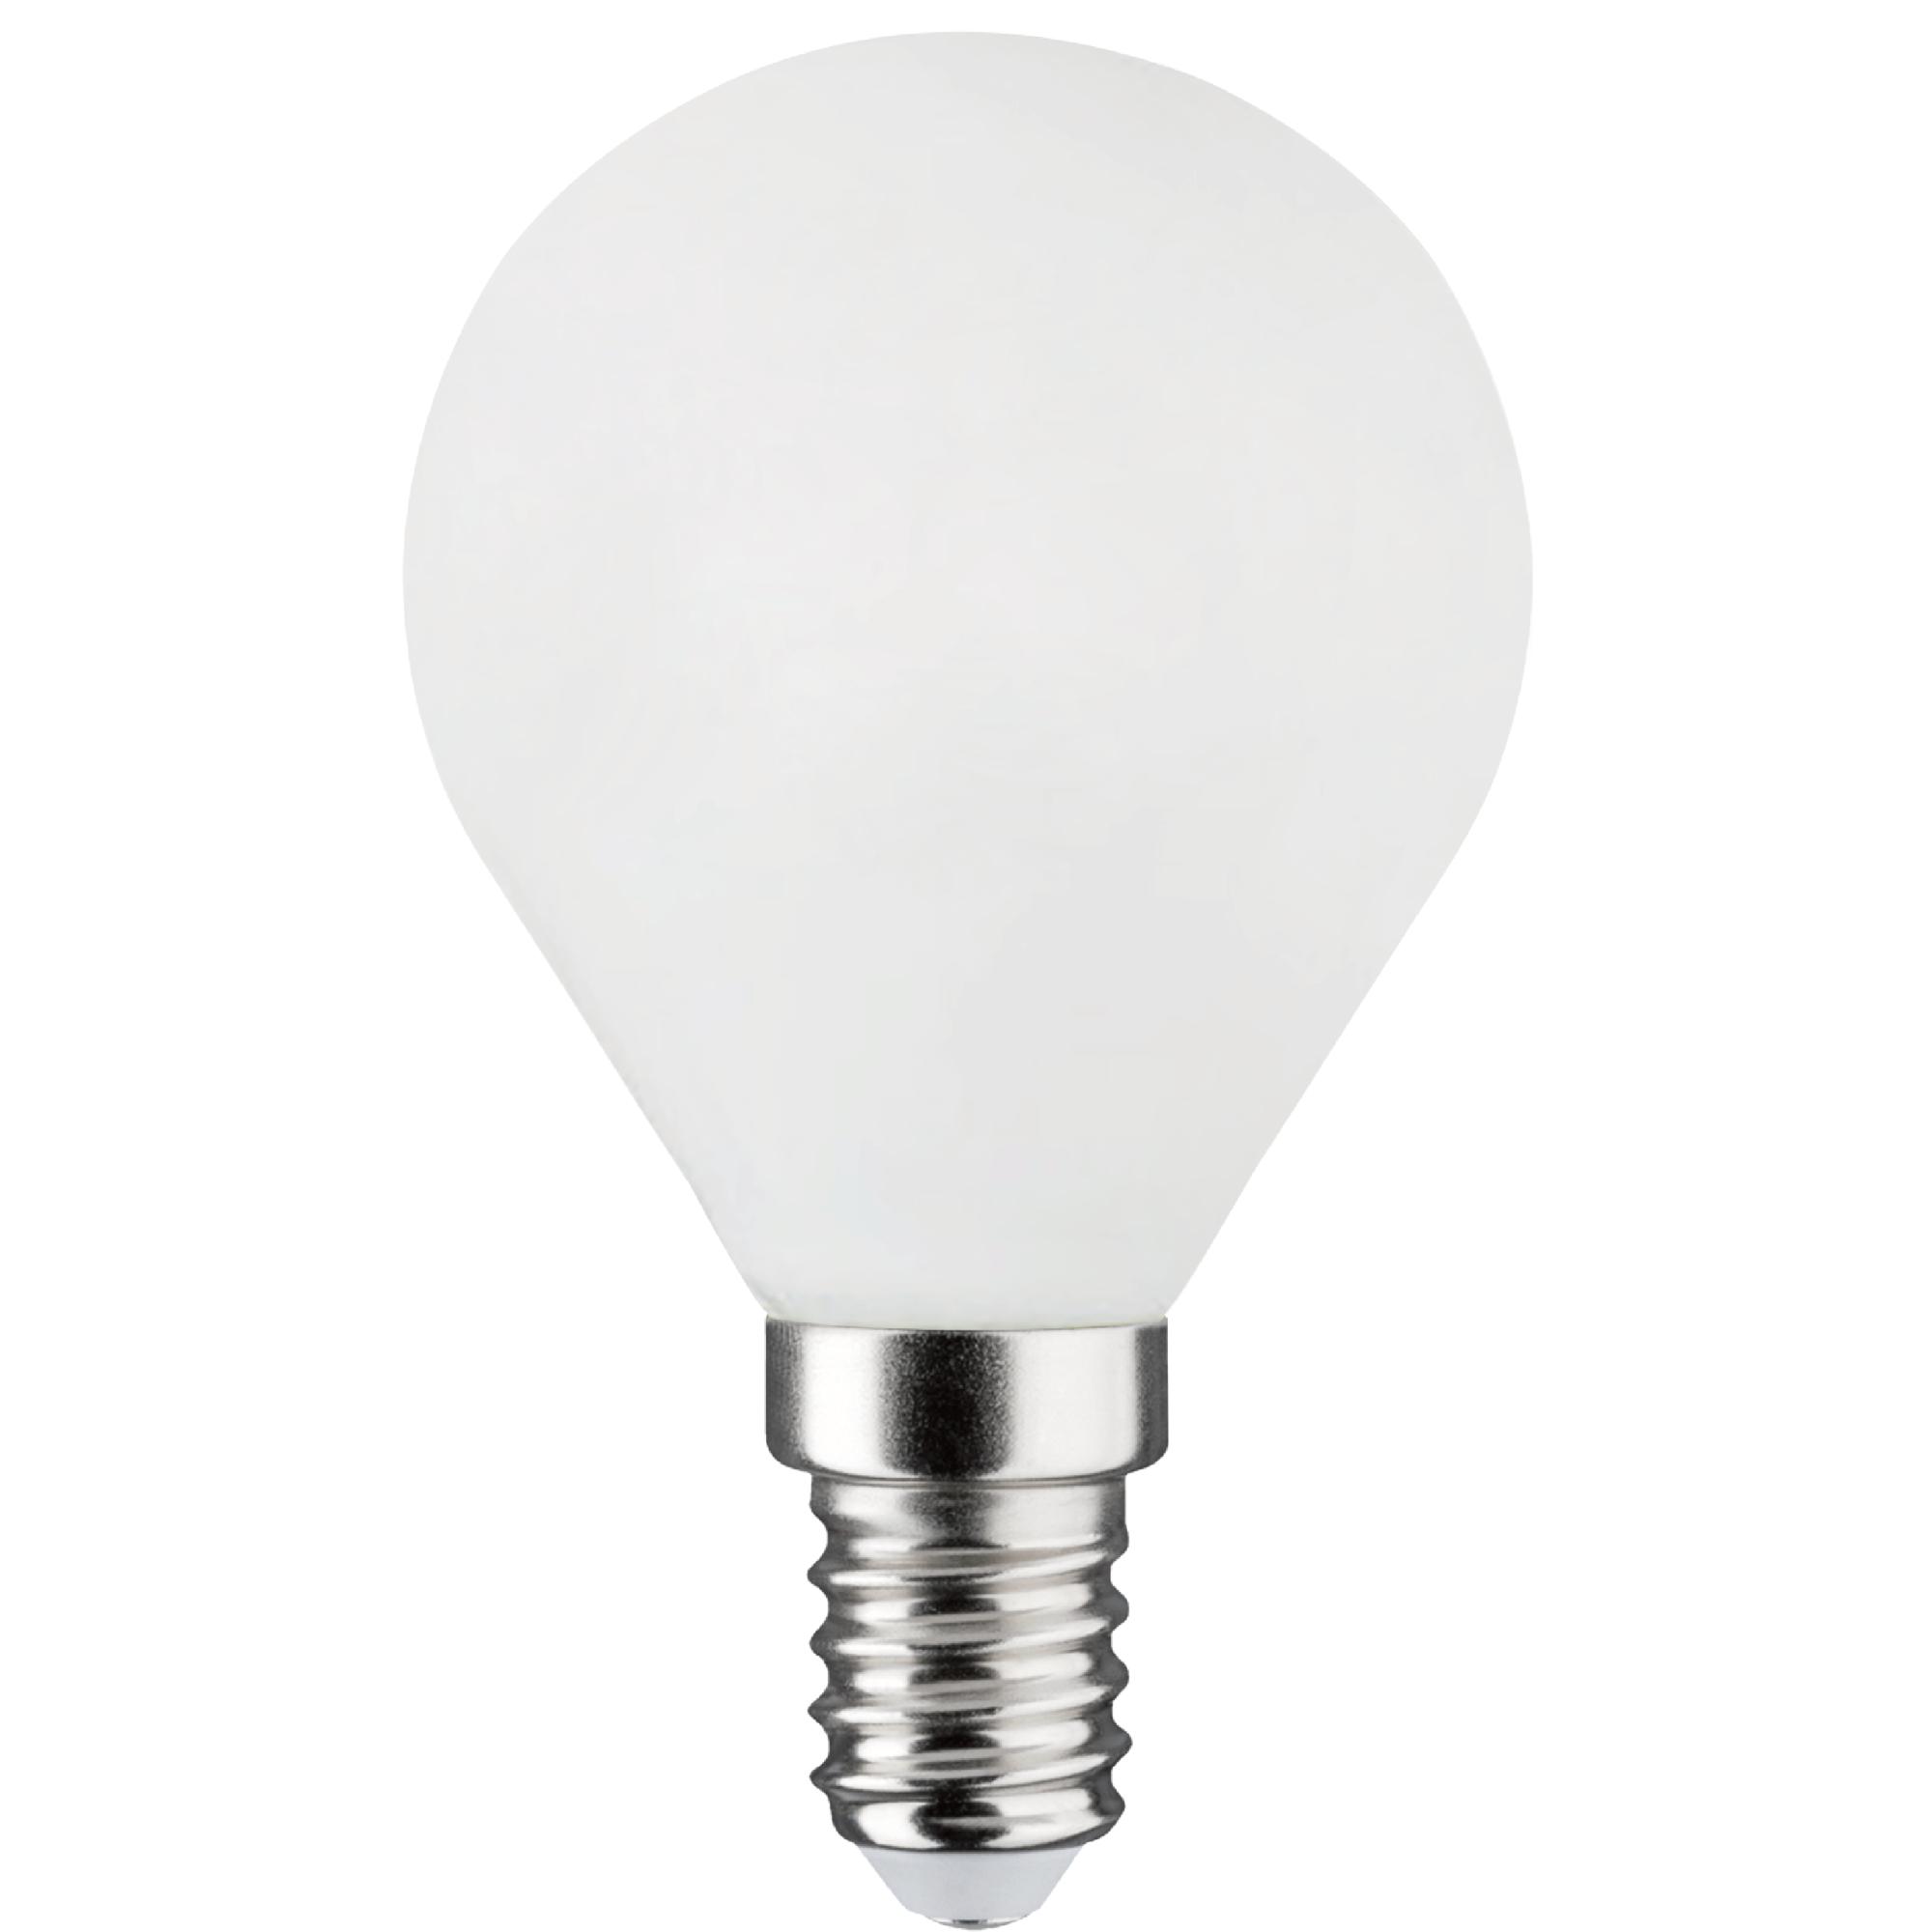 Лампа светодиодная филаментная Lexman E14 220 В 6.5 Вт сфера матовая 806 лм тёплый белый свет